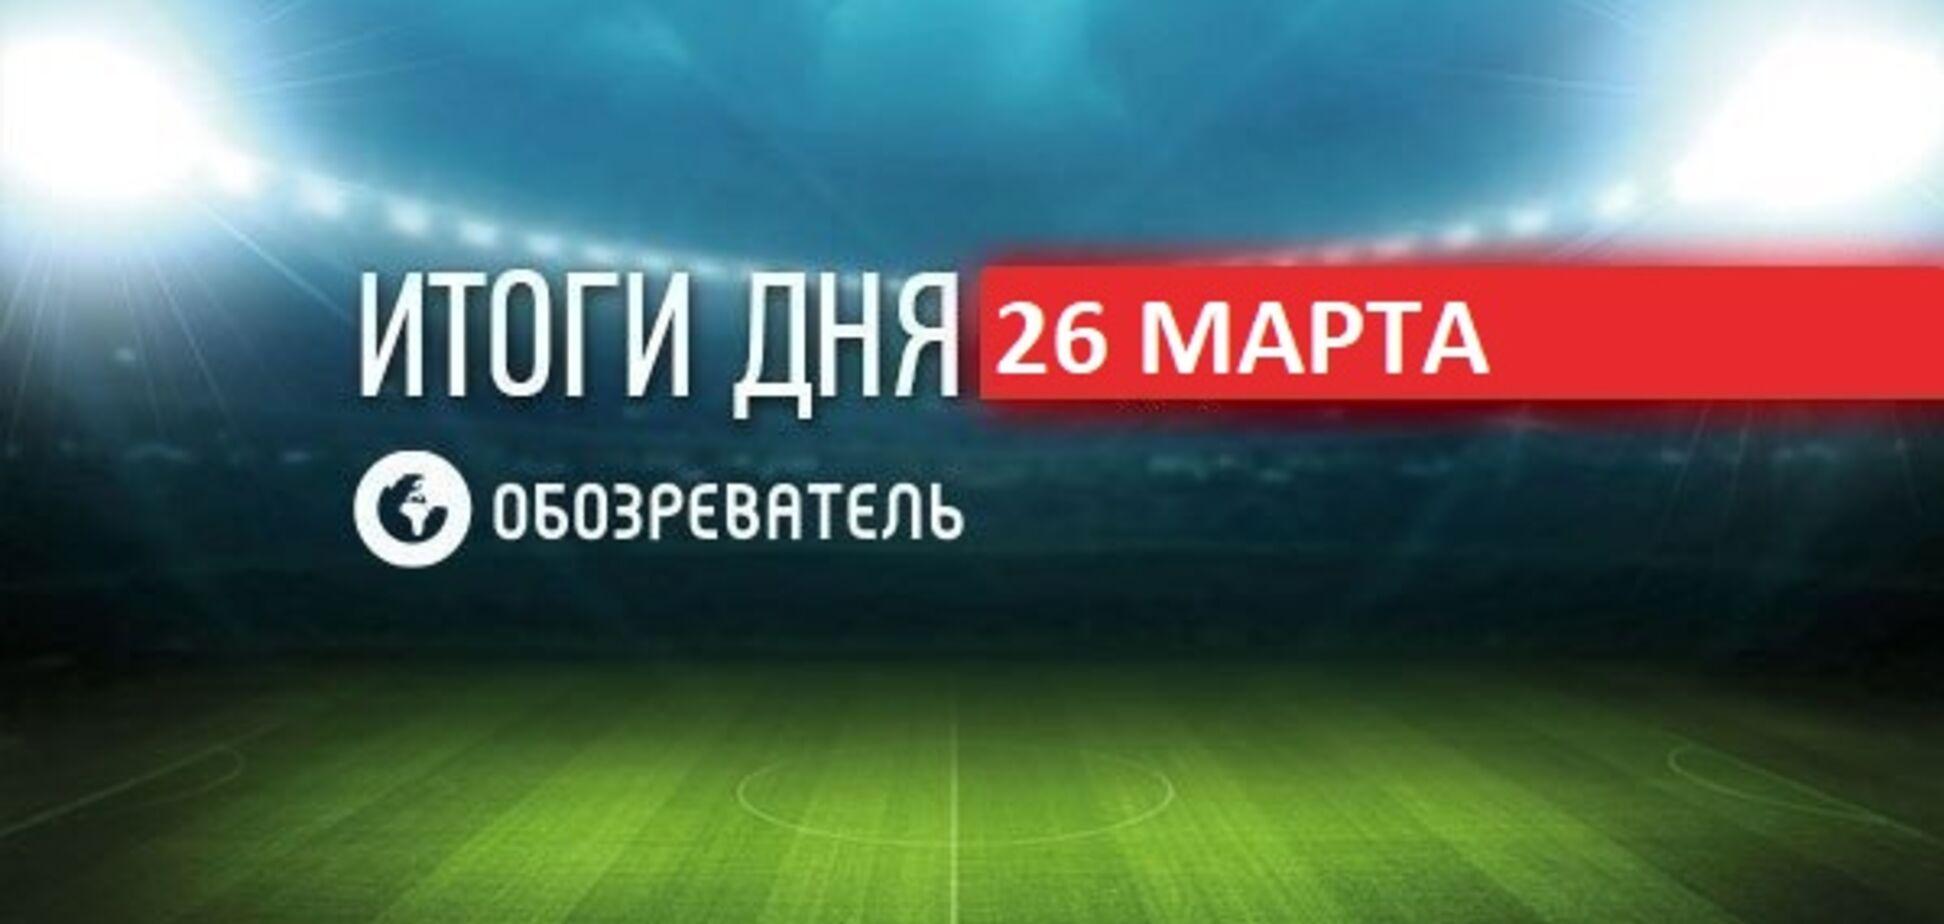 Экс-соперник Кличко заболел коронавирусом и находится в коме: спортивные итоги 26 марта